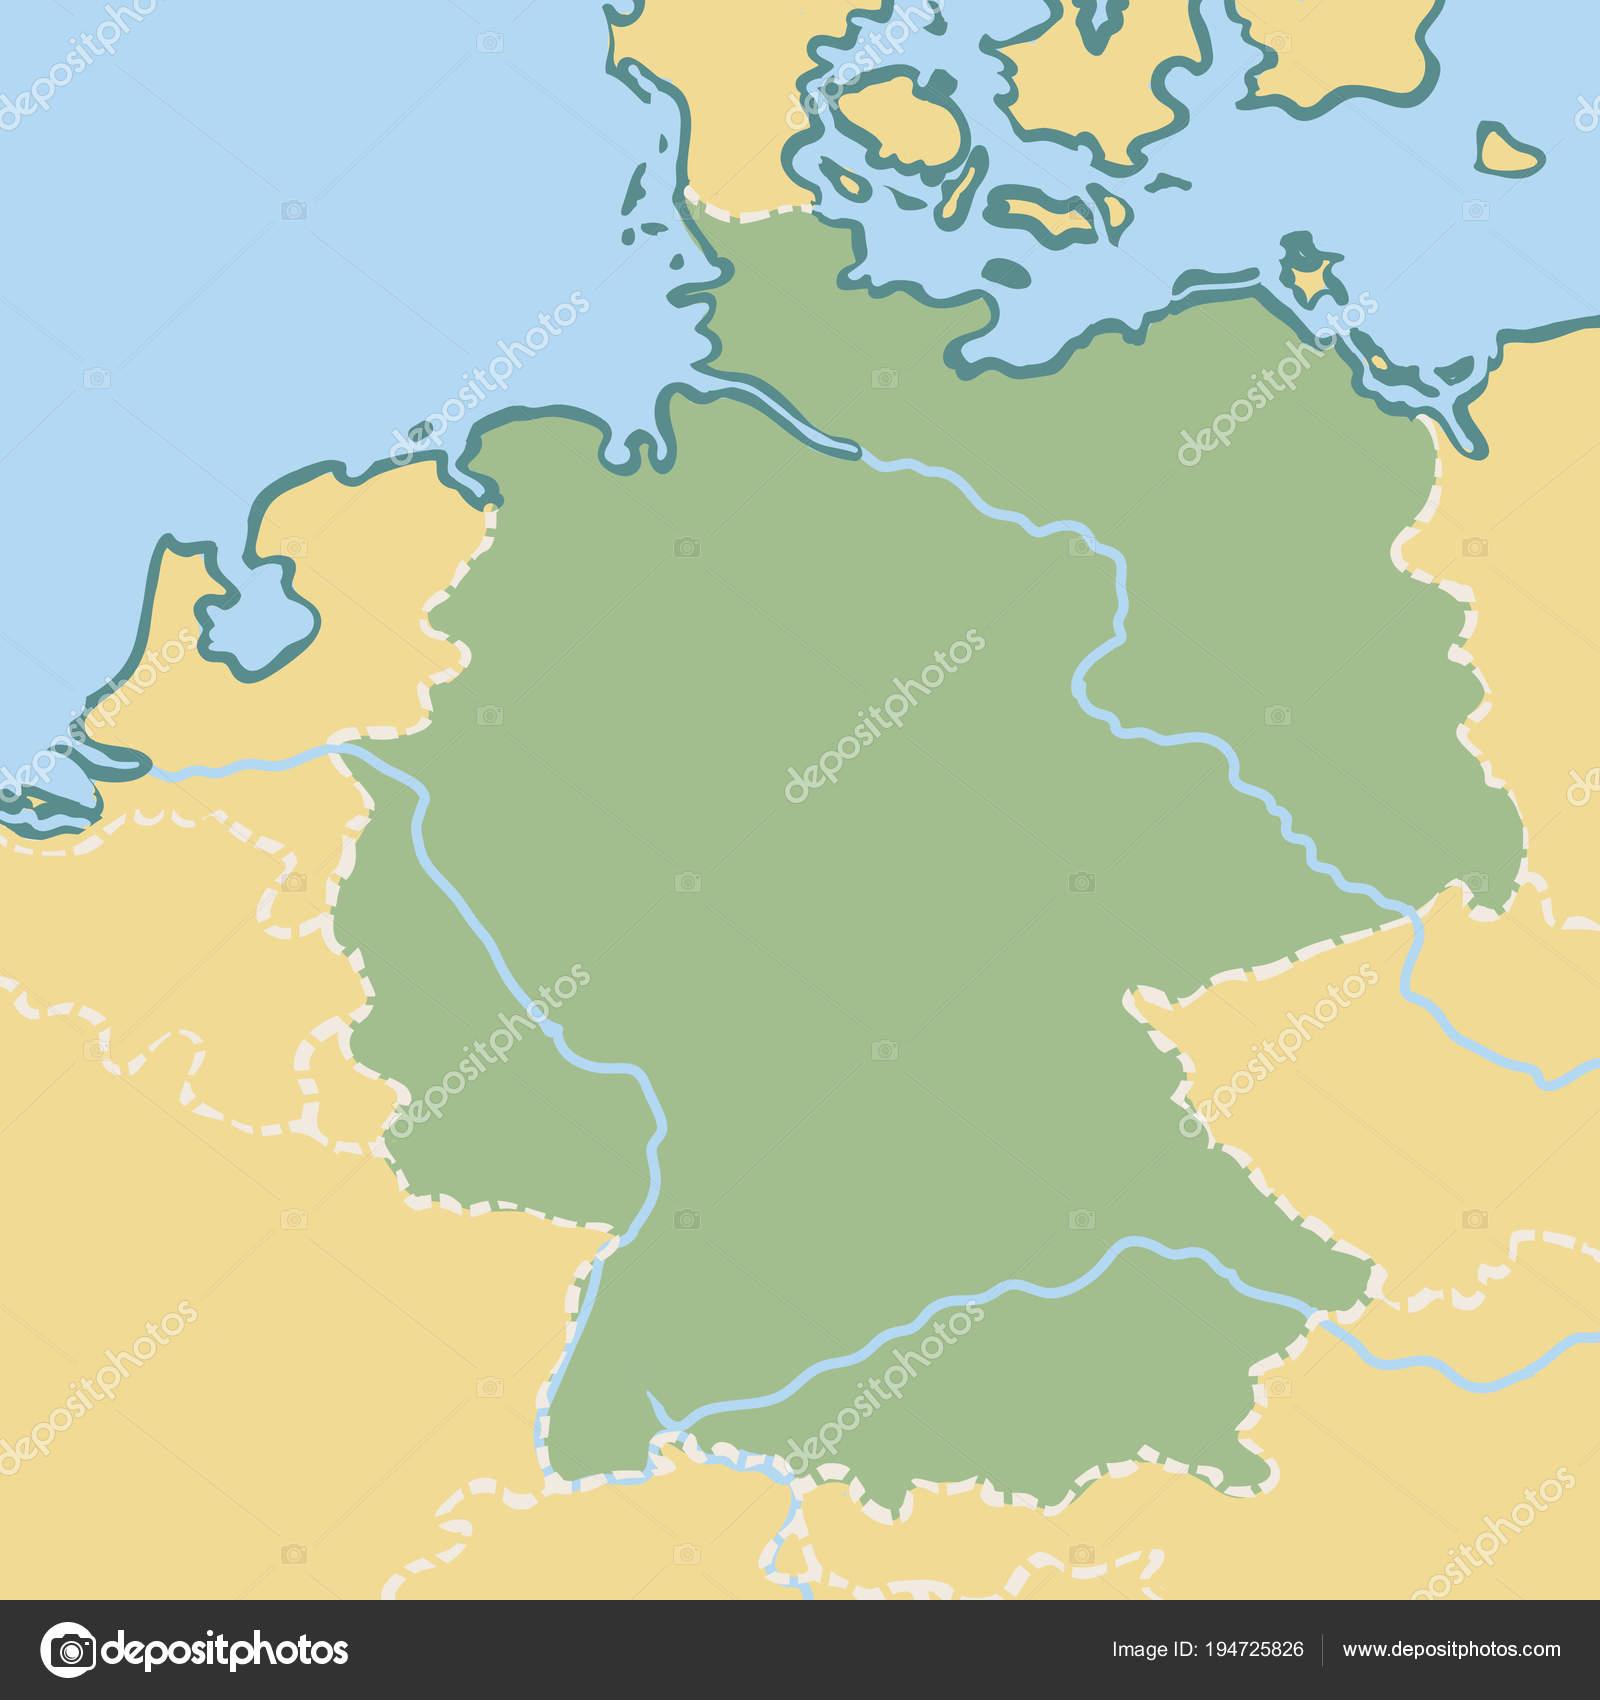 Cartoon Map Of Germany.Map Of Germany Stock Vector C Lashmipics 194725826